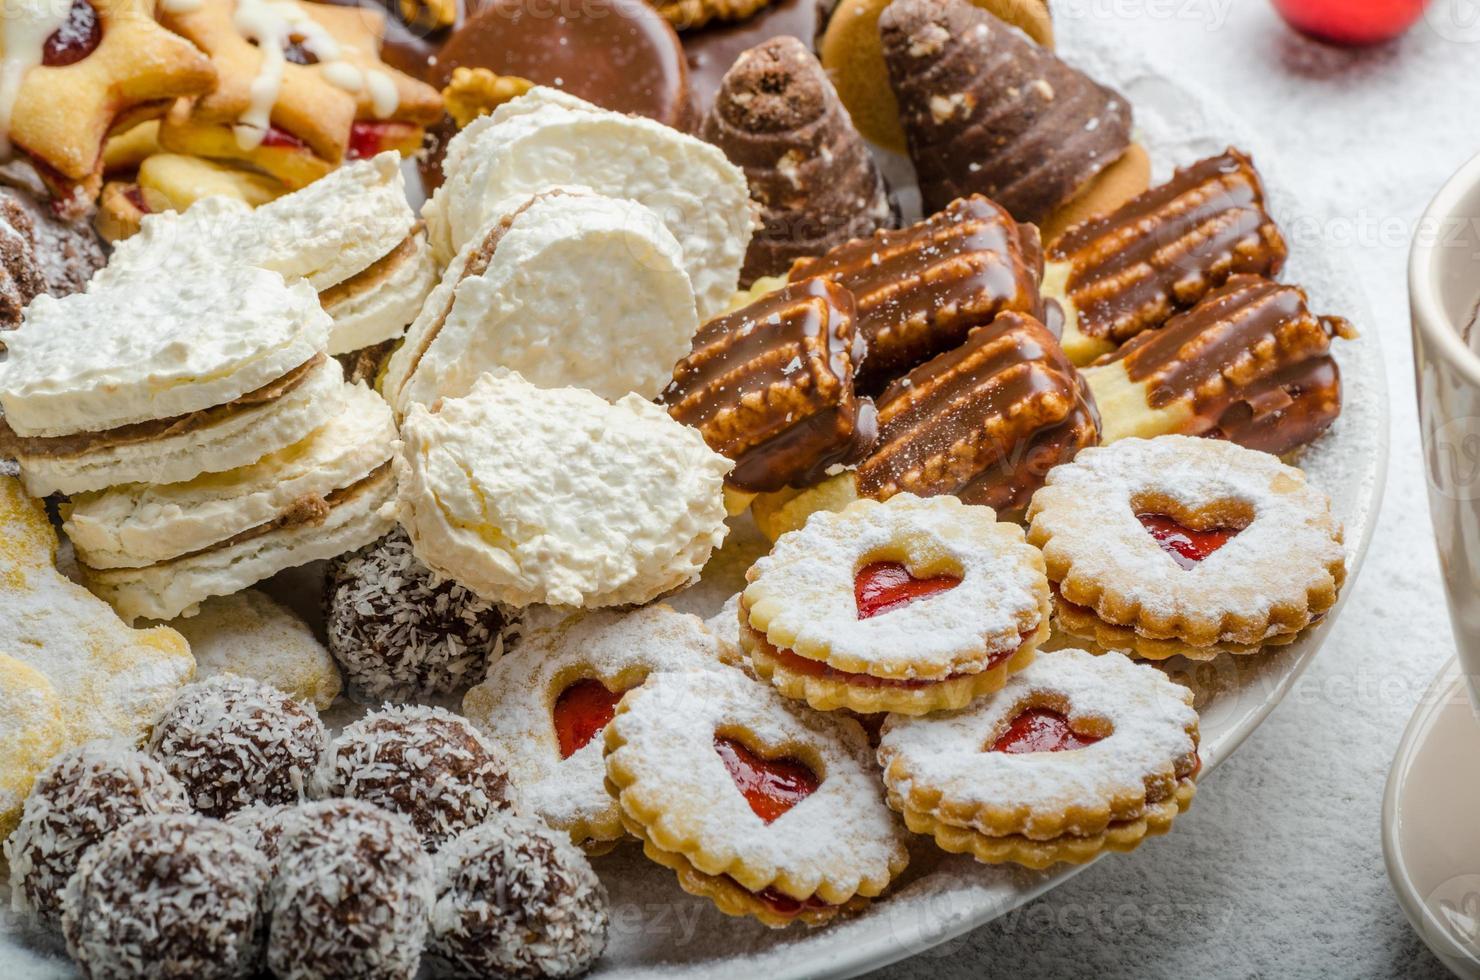 galletas navideñas y té fresco foto